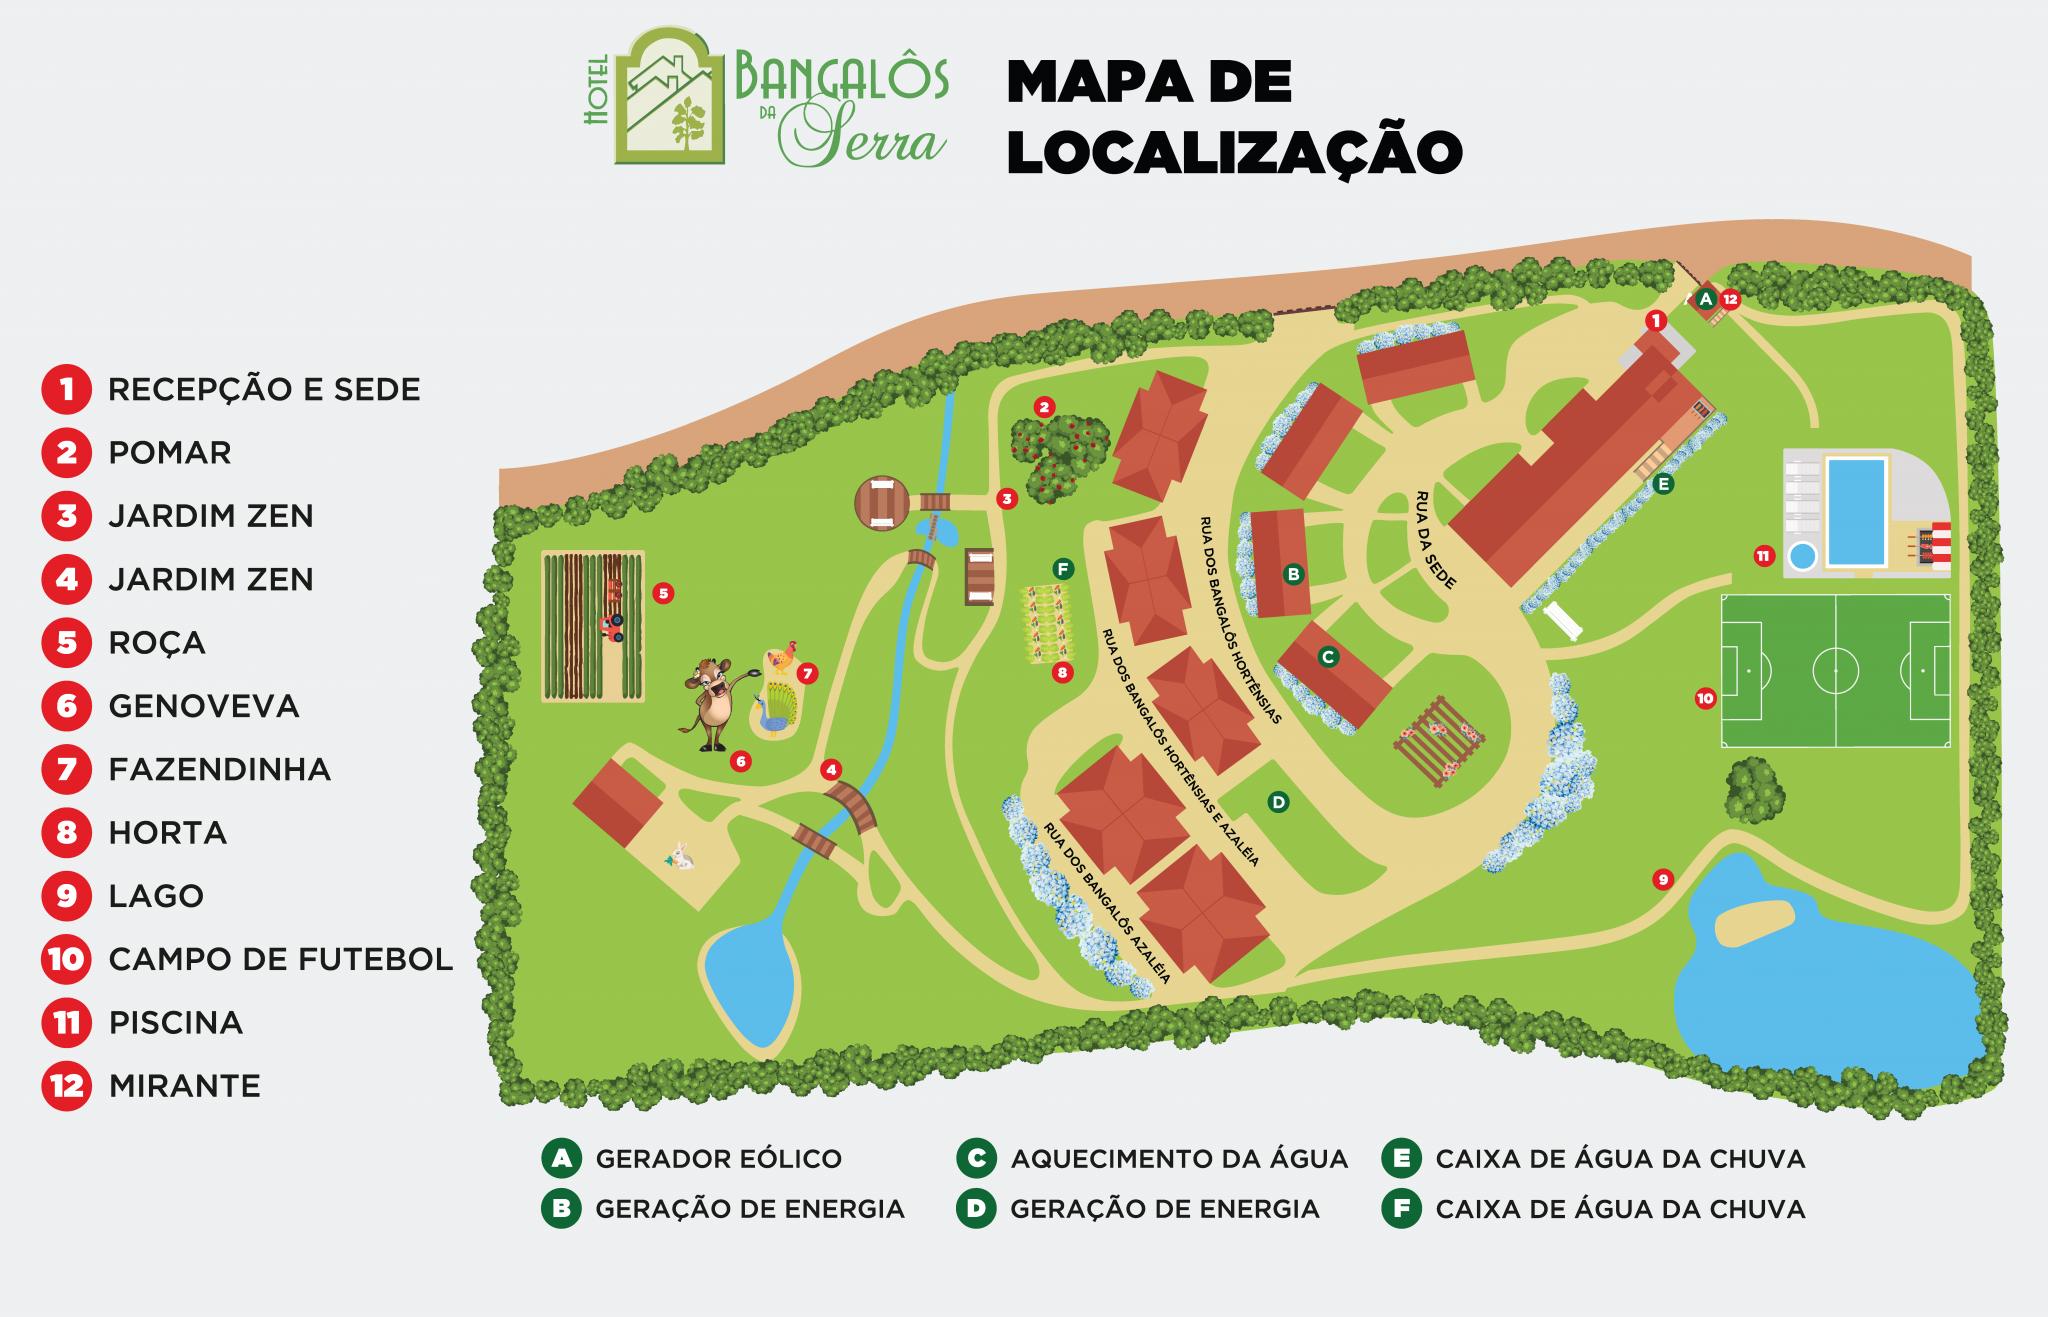 Mapa de Localização - Hotel Bangalôs da Serra em Gramado